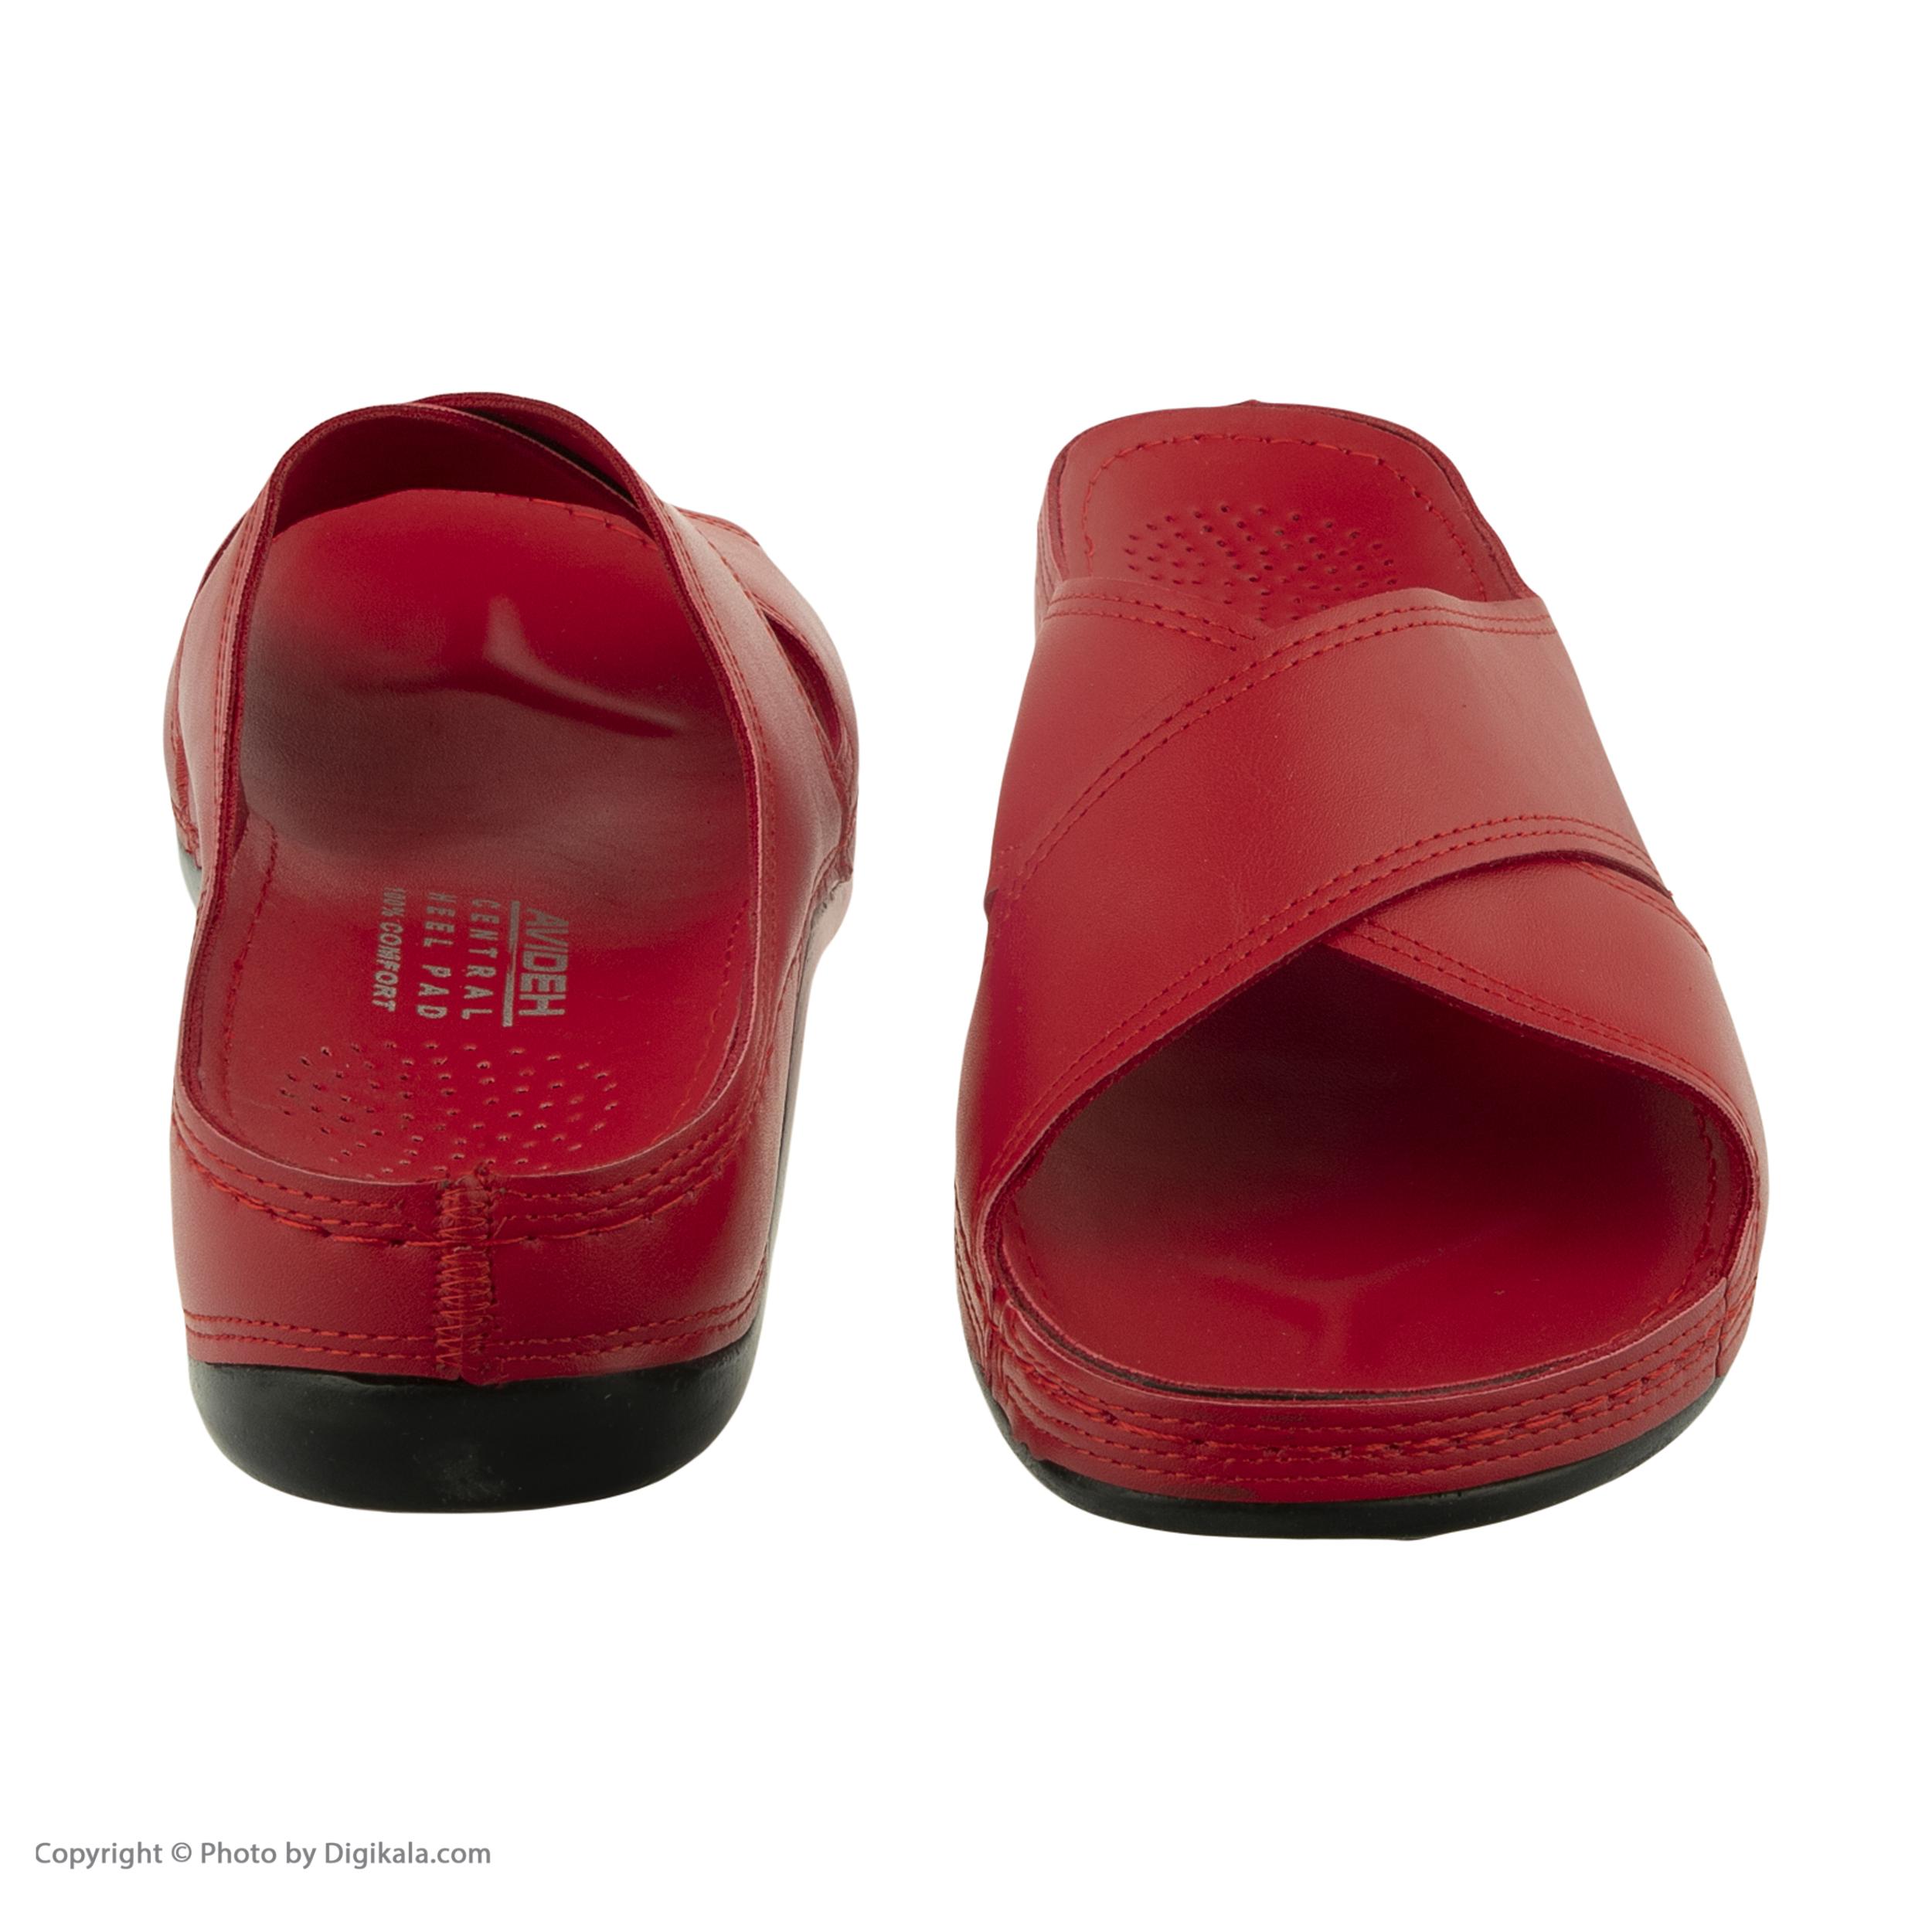 دمپایی زنانه کفش آویده کد av-0304506 رنگ قرمز -  - 6